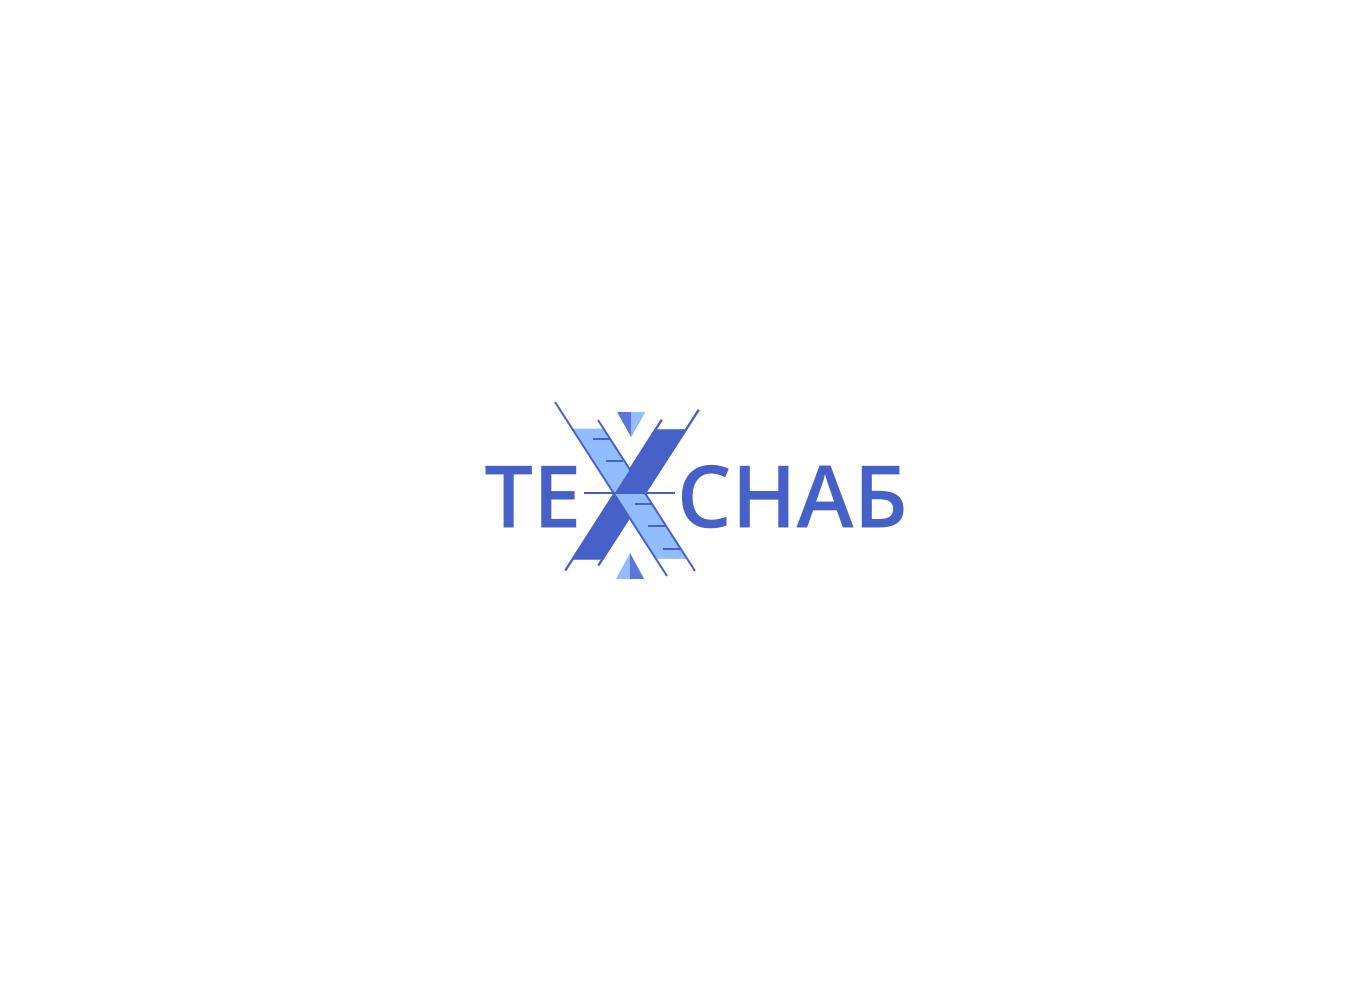 Разработка логотипа и фирм. стиля компании  ТЕХСНАБ фото f_1075b220fb839146.jpg